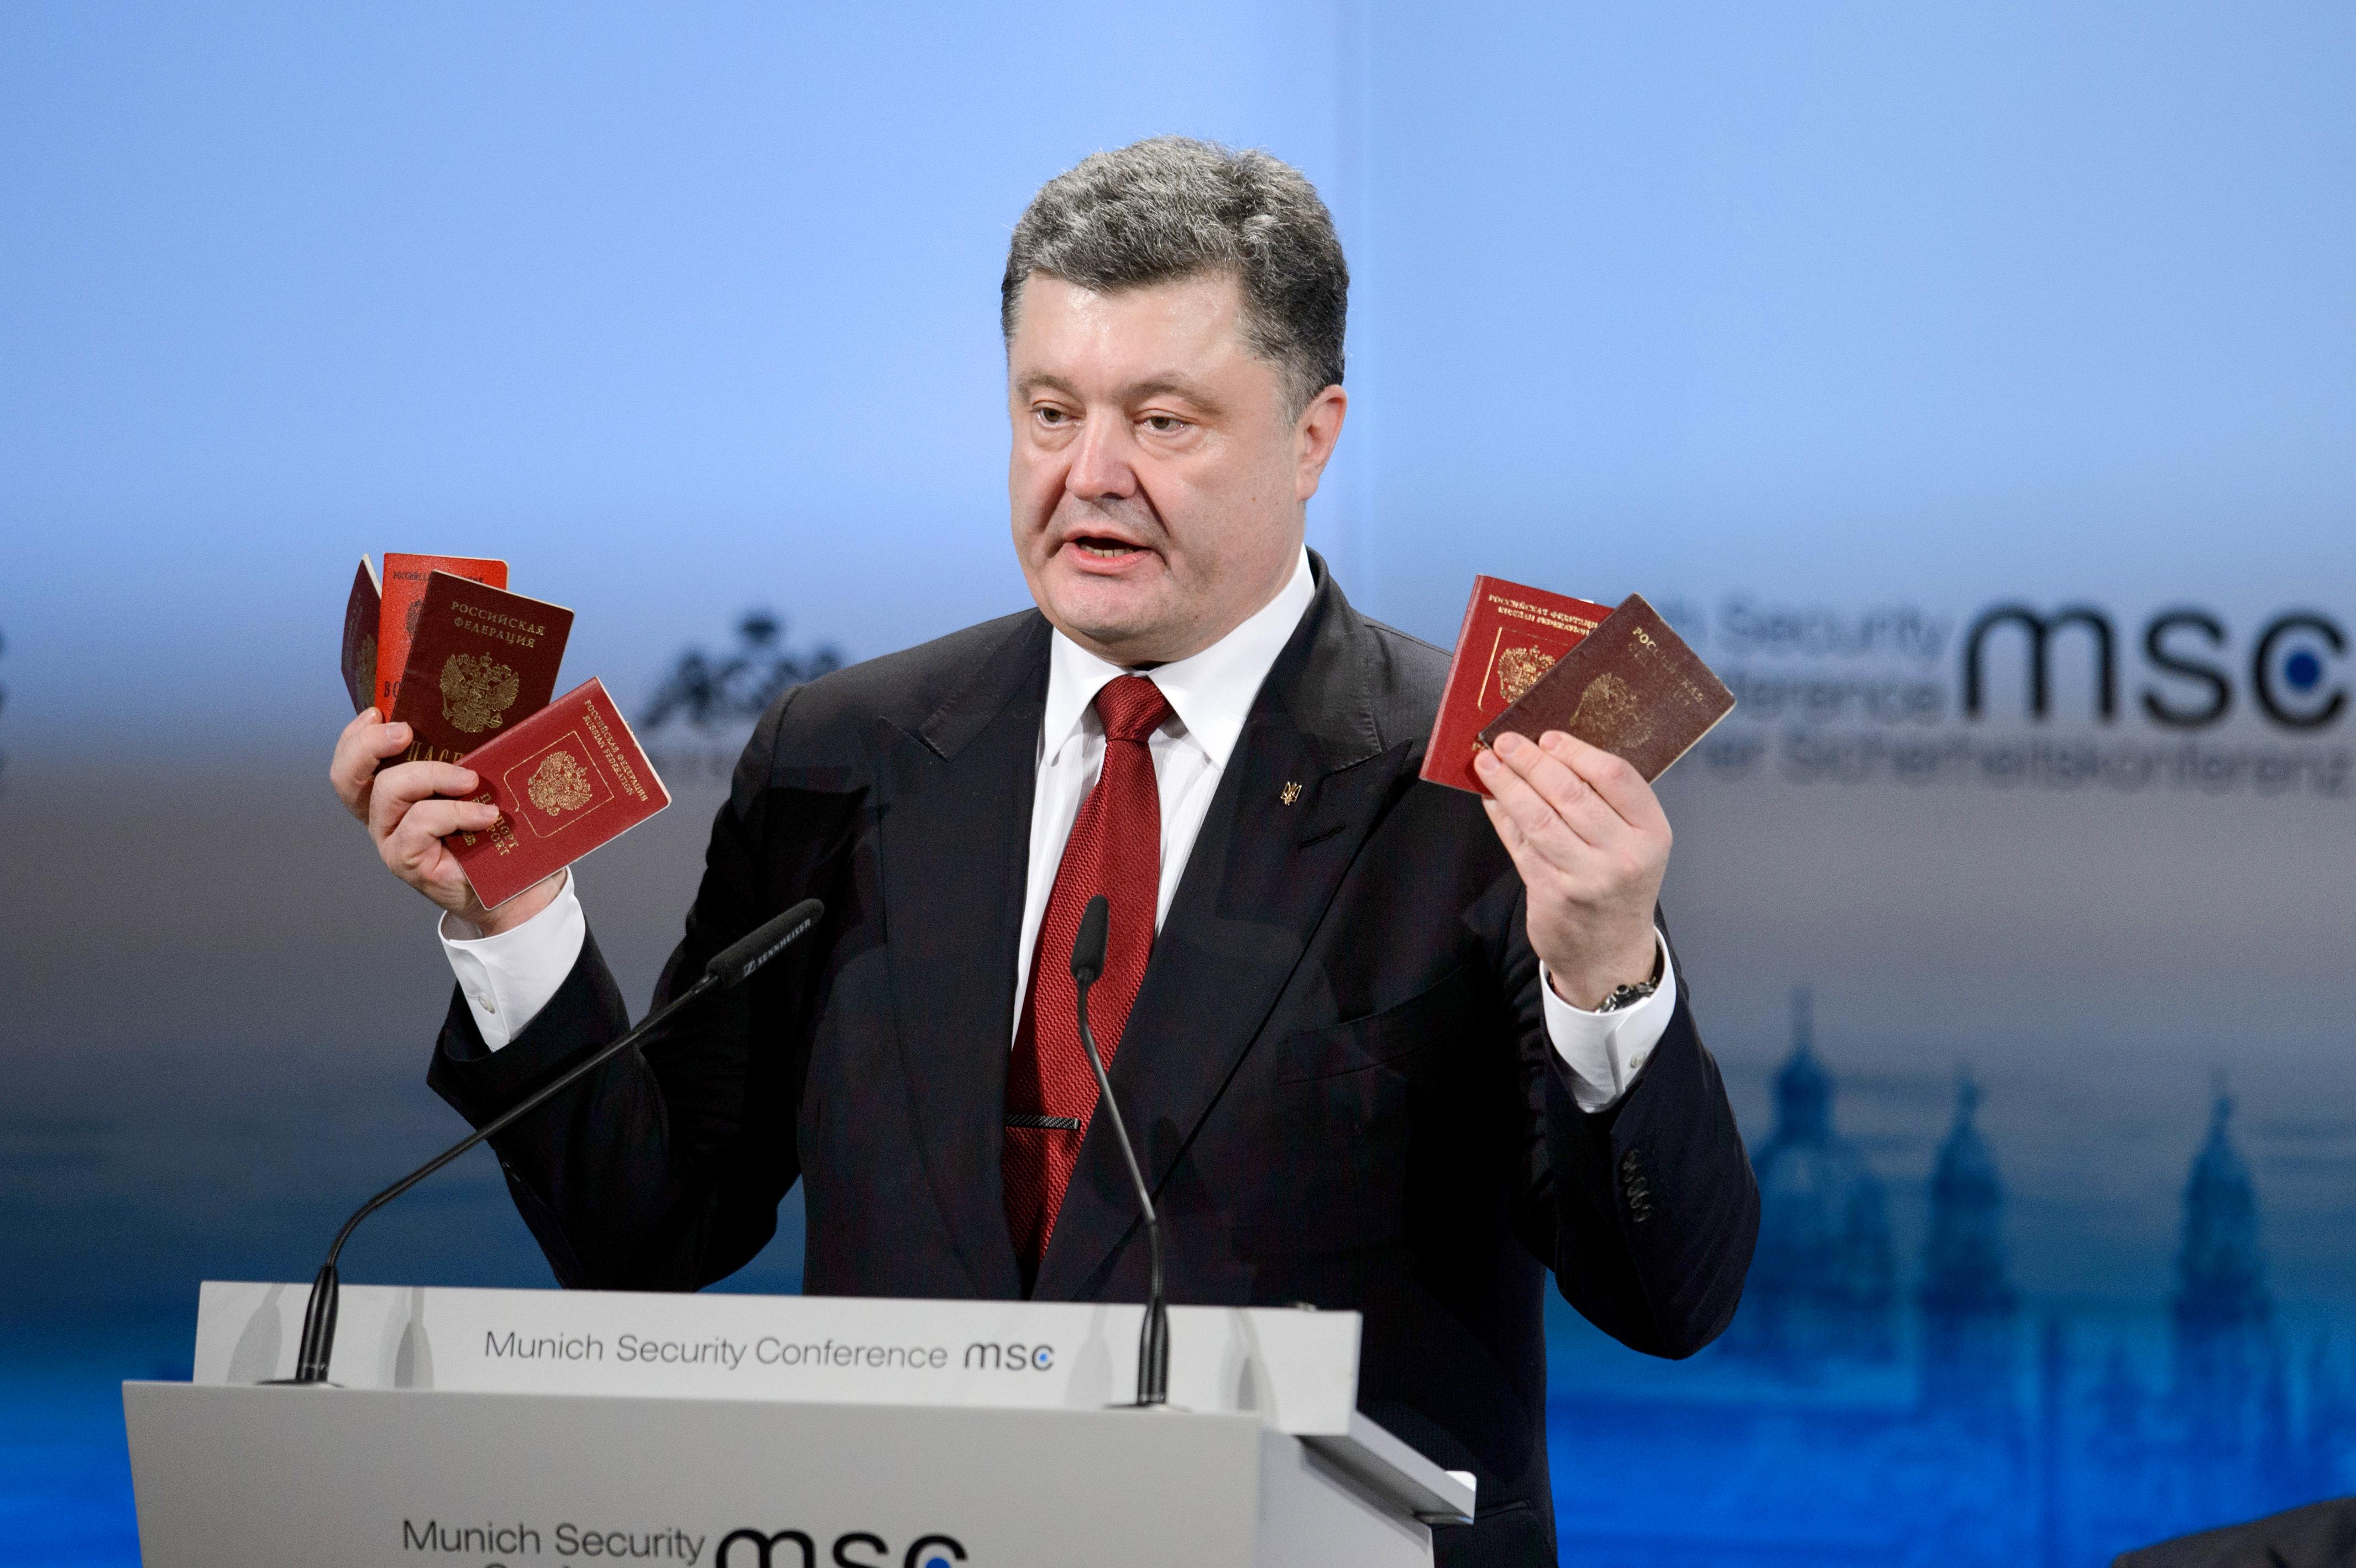 Еврокомиссия предложила отменить визы для граждан Украины